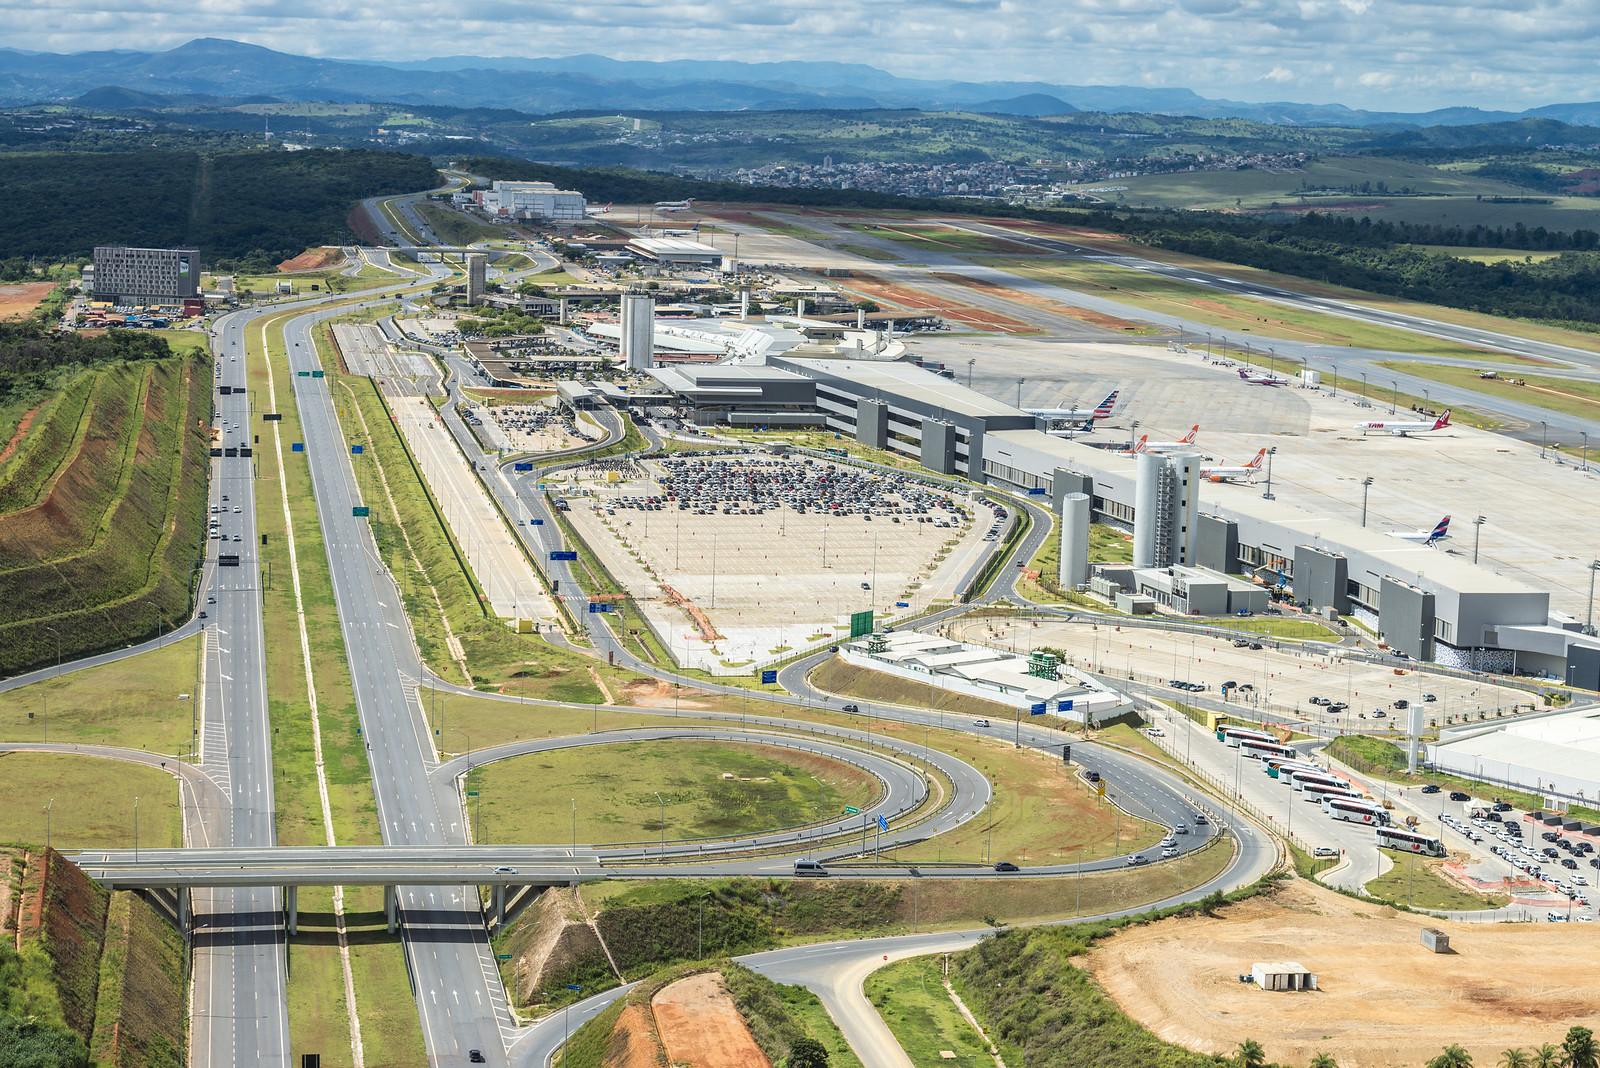 Aeroporto Ewr : Sdu aeroporto do rio de janeiro santos dumont airports